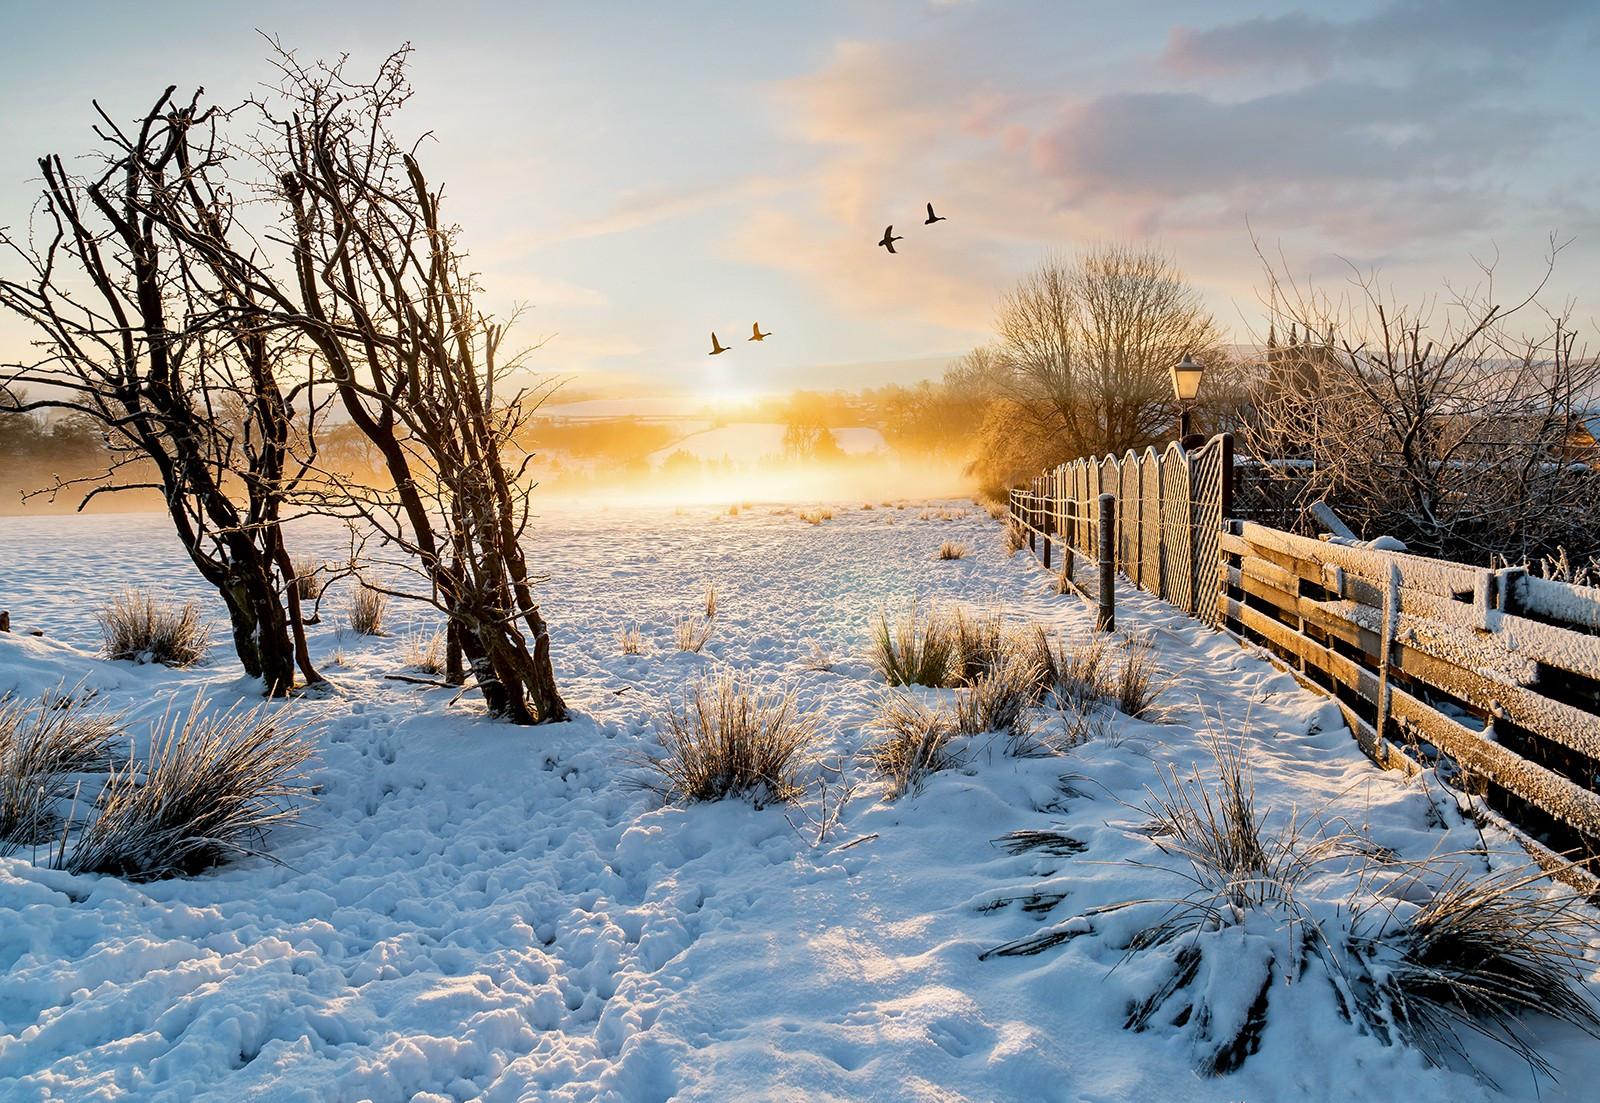 Frosty misty sunrise